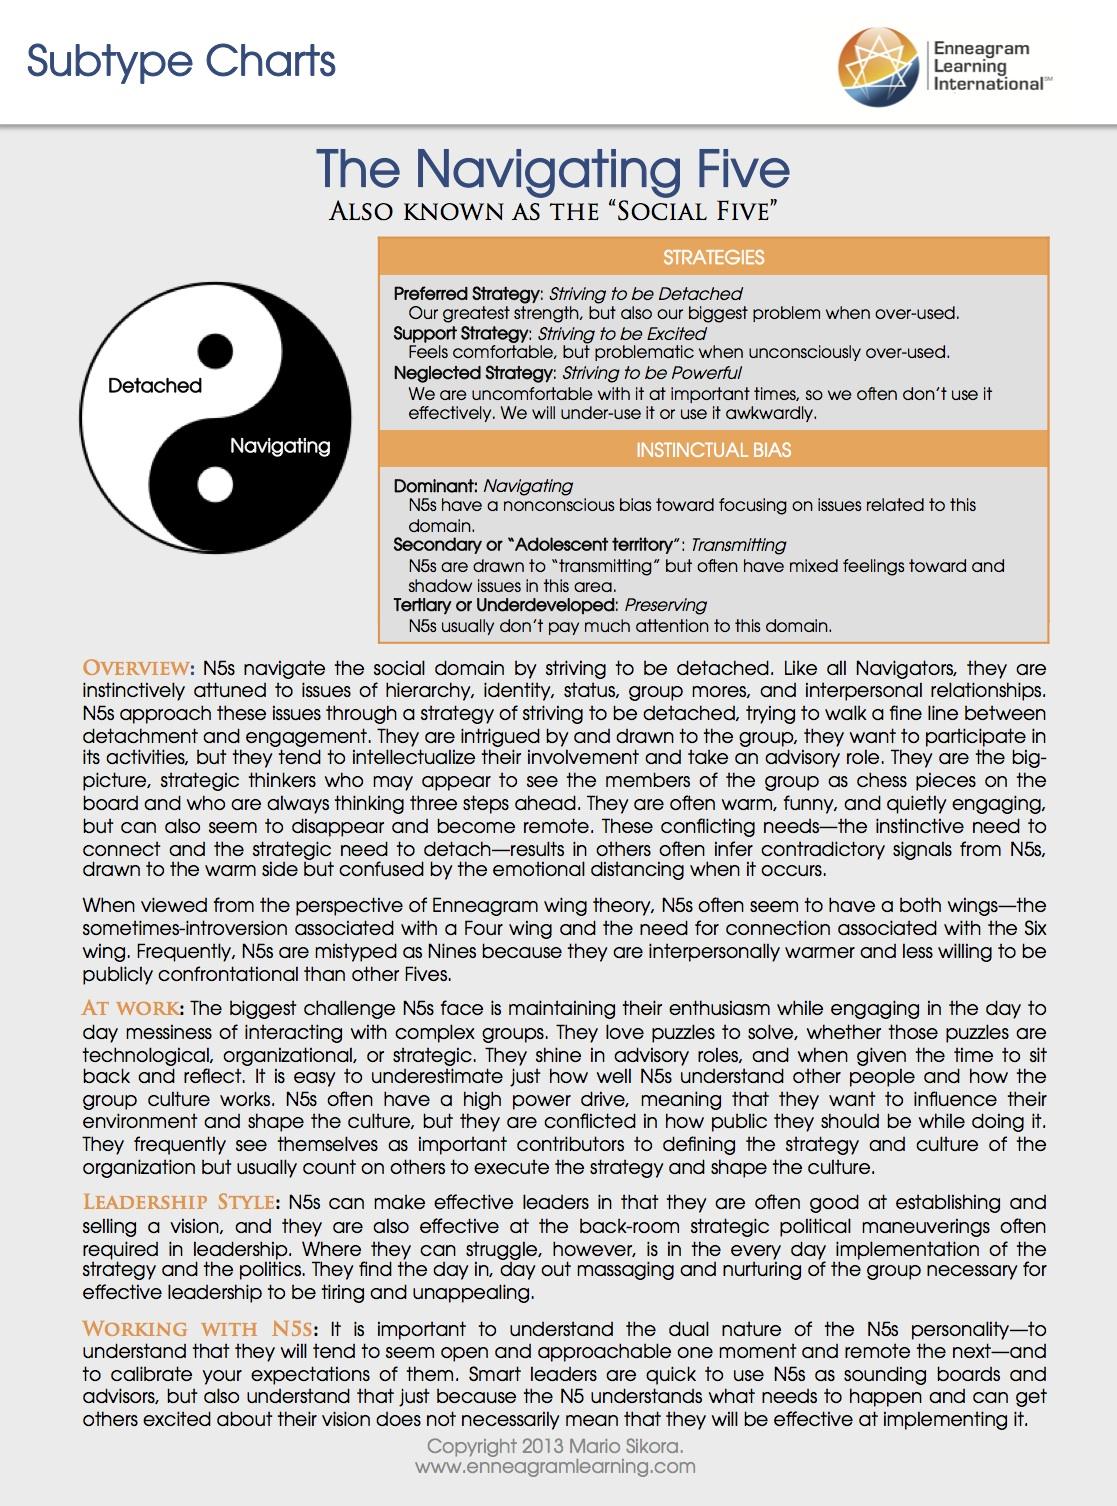 Enneagram Learning International Blog